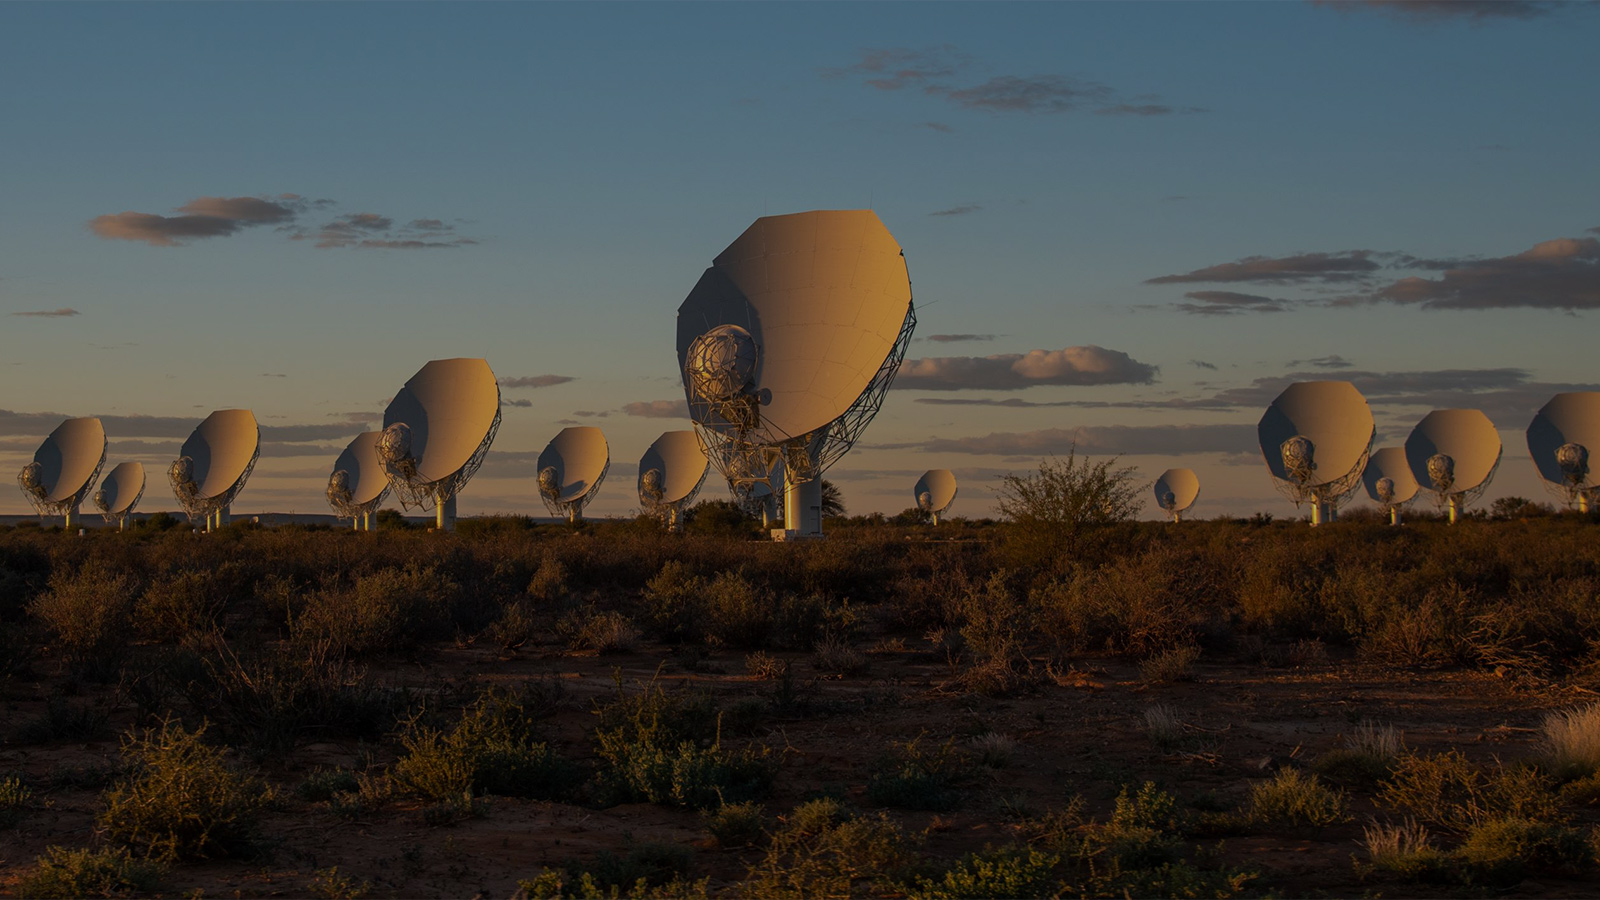 Le futur de l'Afrique est la conquête spatiale